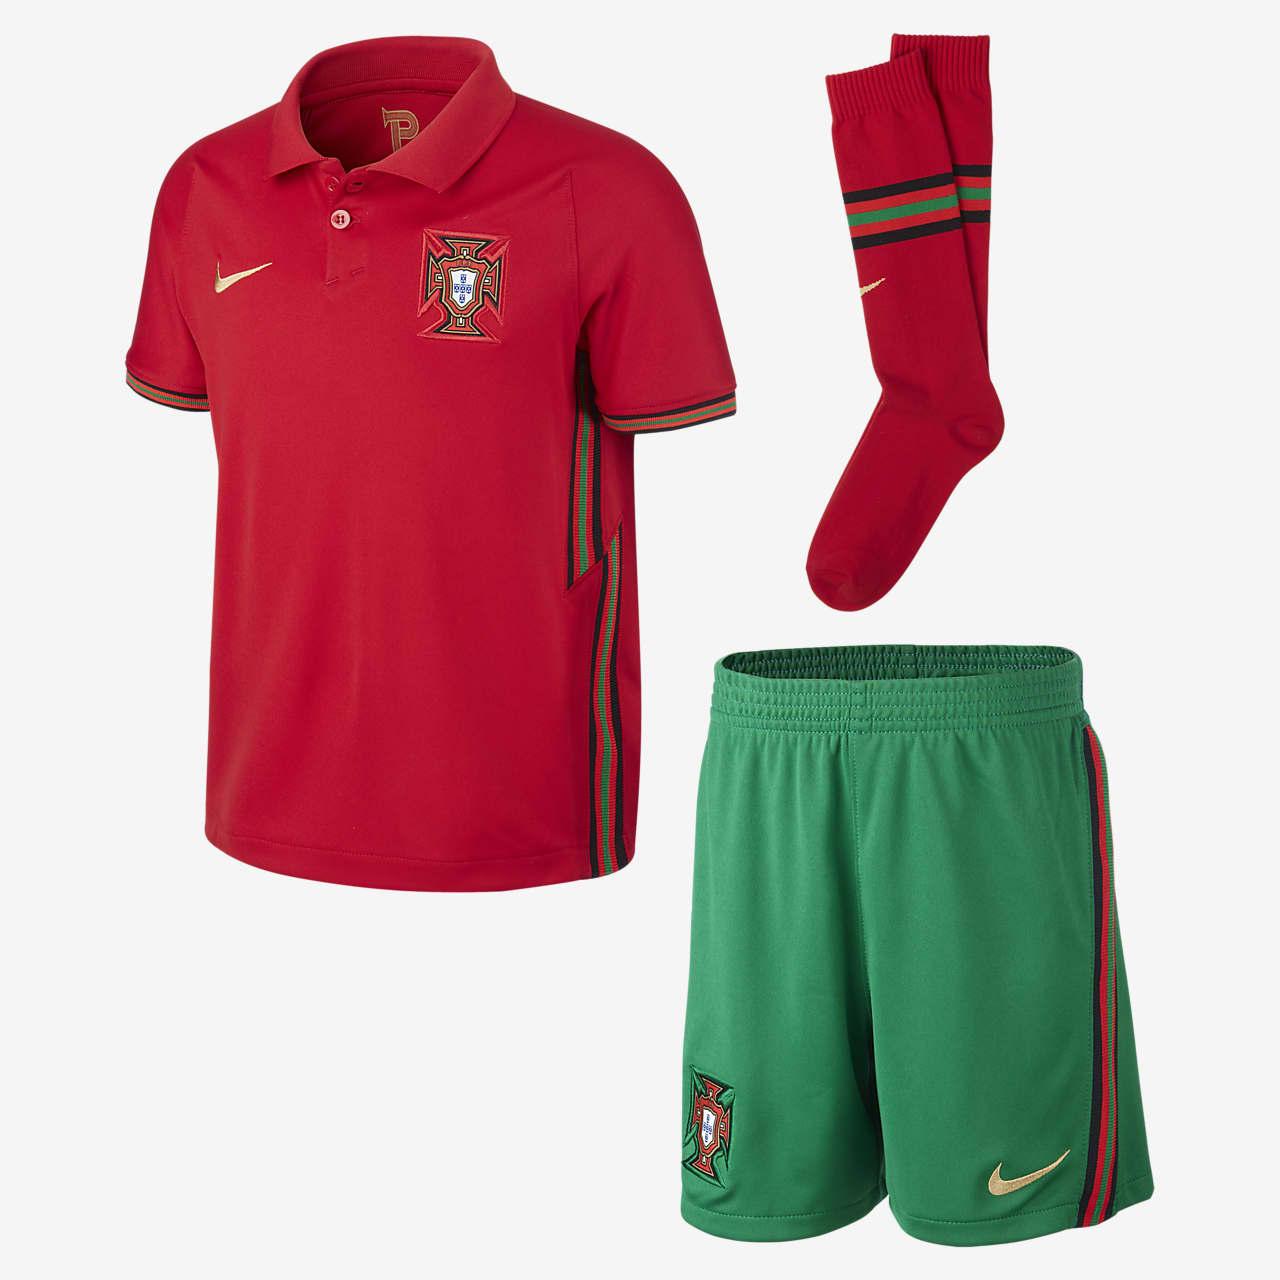 Футбольный комплект для дошкольников с символикой домашней формы сборной Португалии 2020